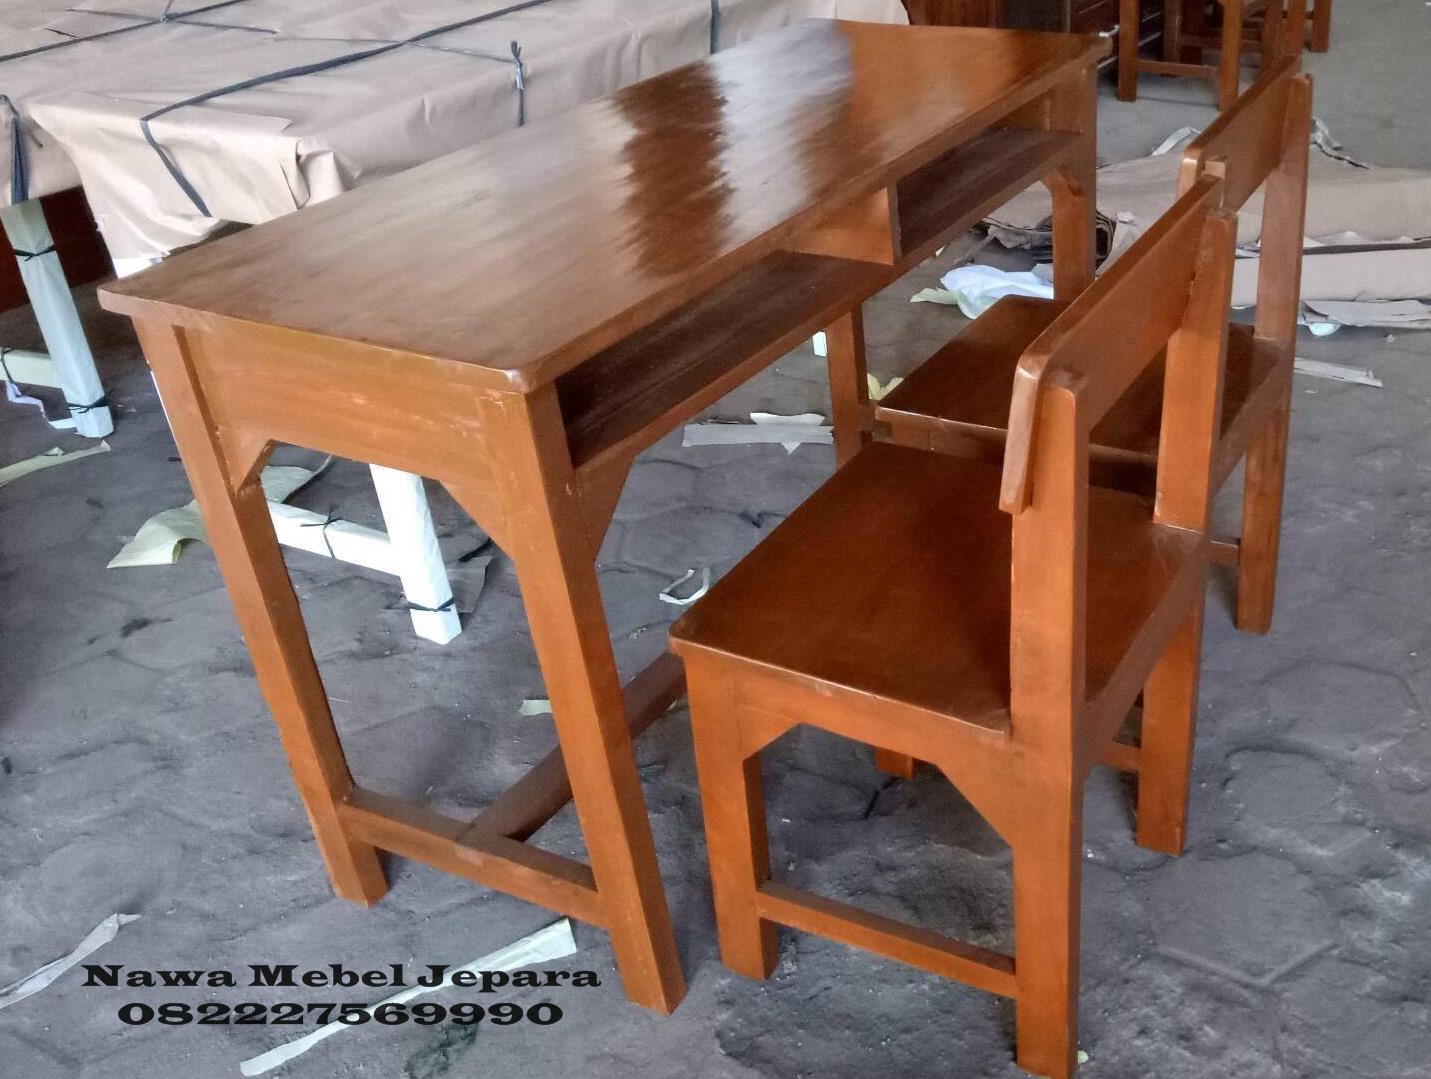 Meja-Kursi-sekolah-double-Jati-2 Jual Meja Kursi Sekolah Terbaru Jati Murah